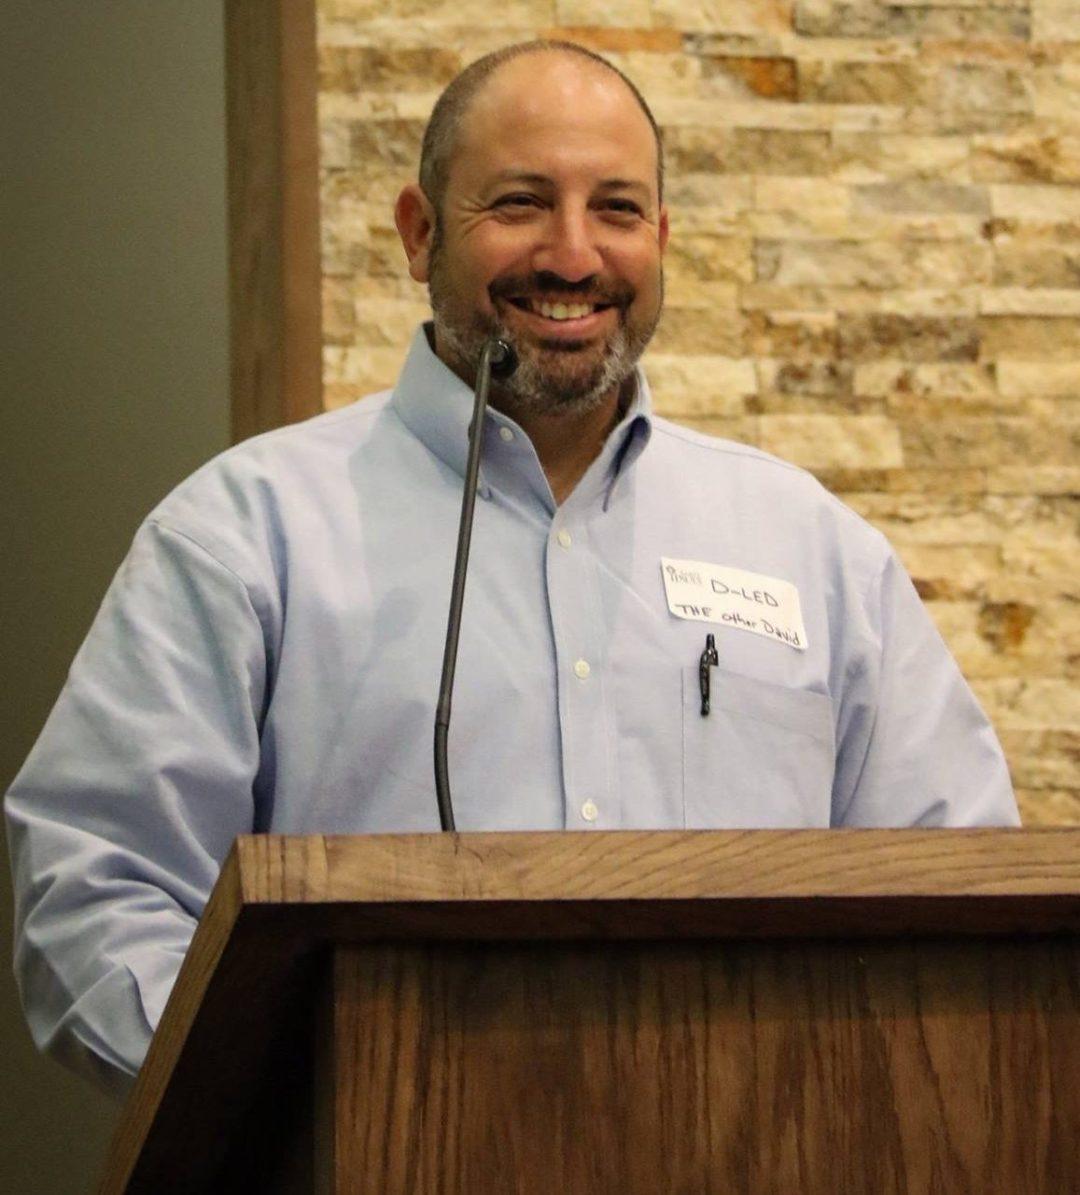 David Ledwitz